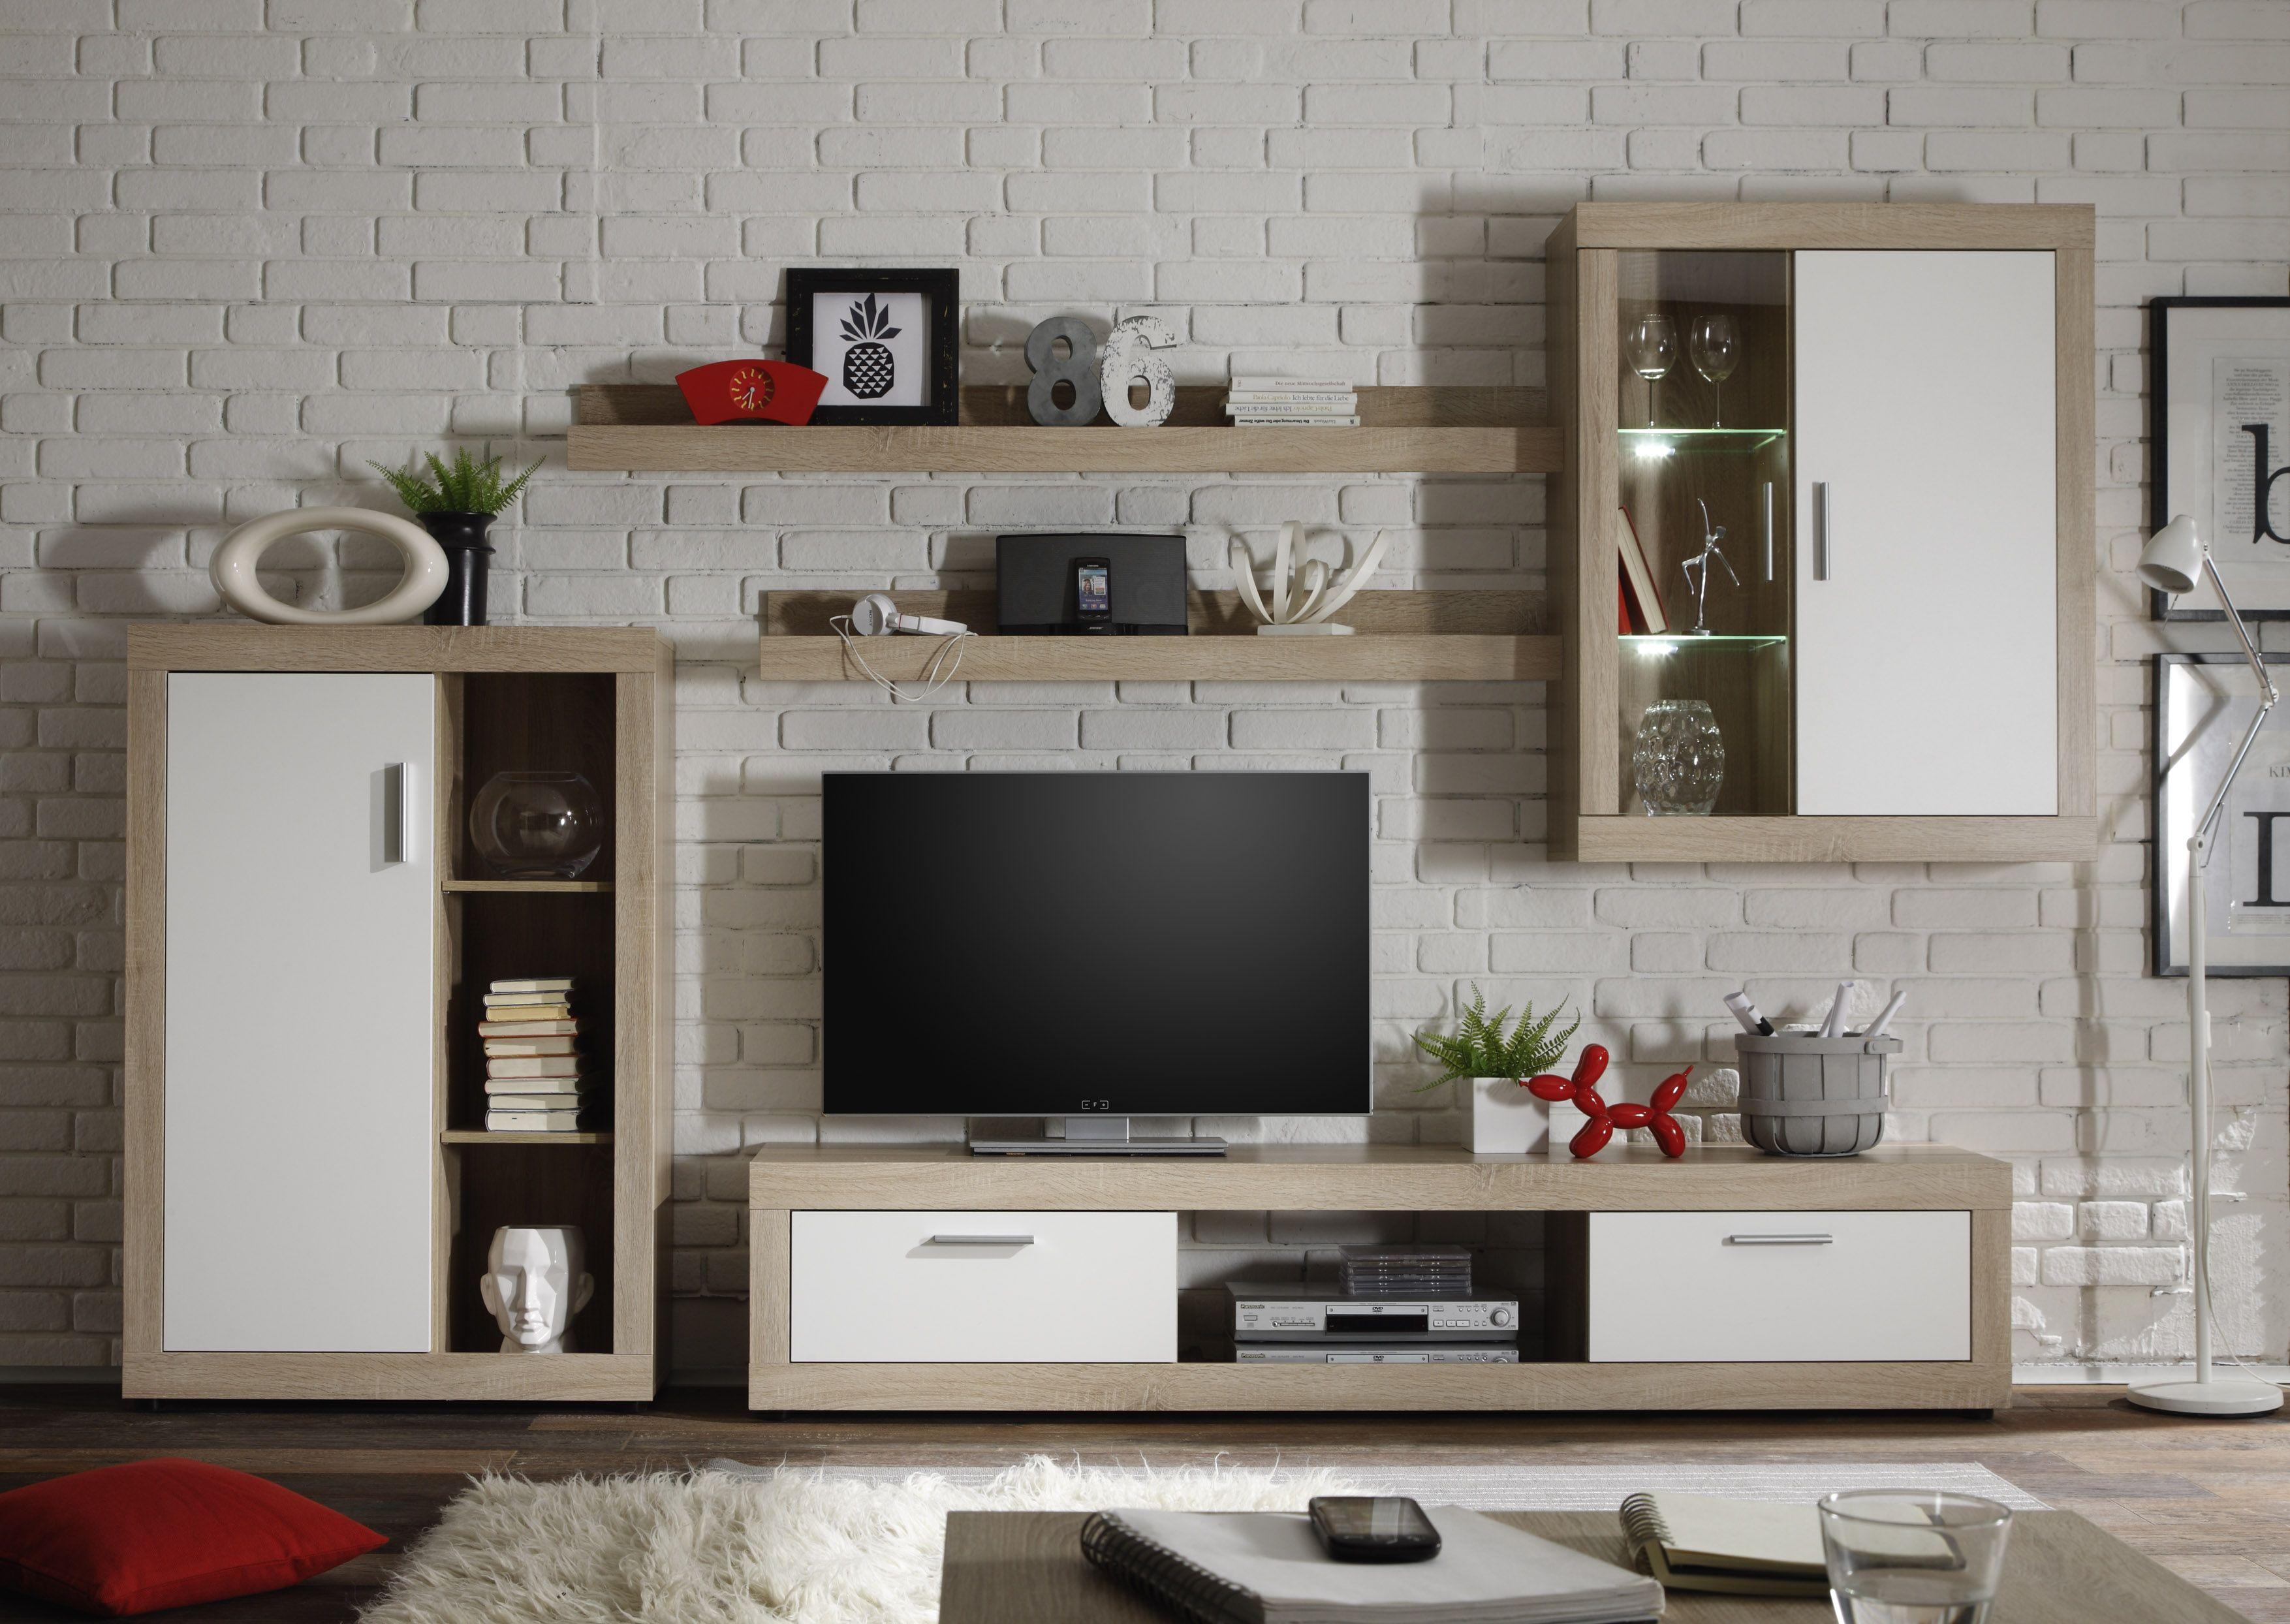 Interior design-ideen wohnzimmer mit tv wohnzimmer eiche hell  wohndesign und interior ideen  pinterest